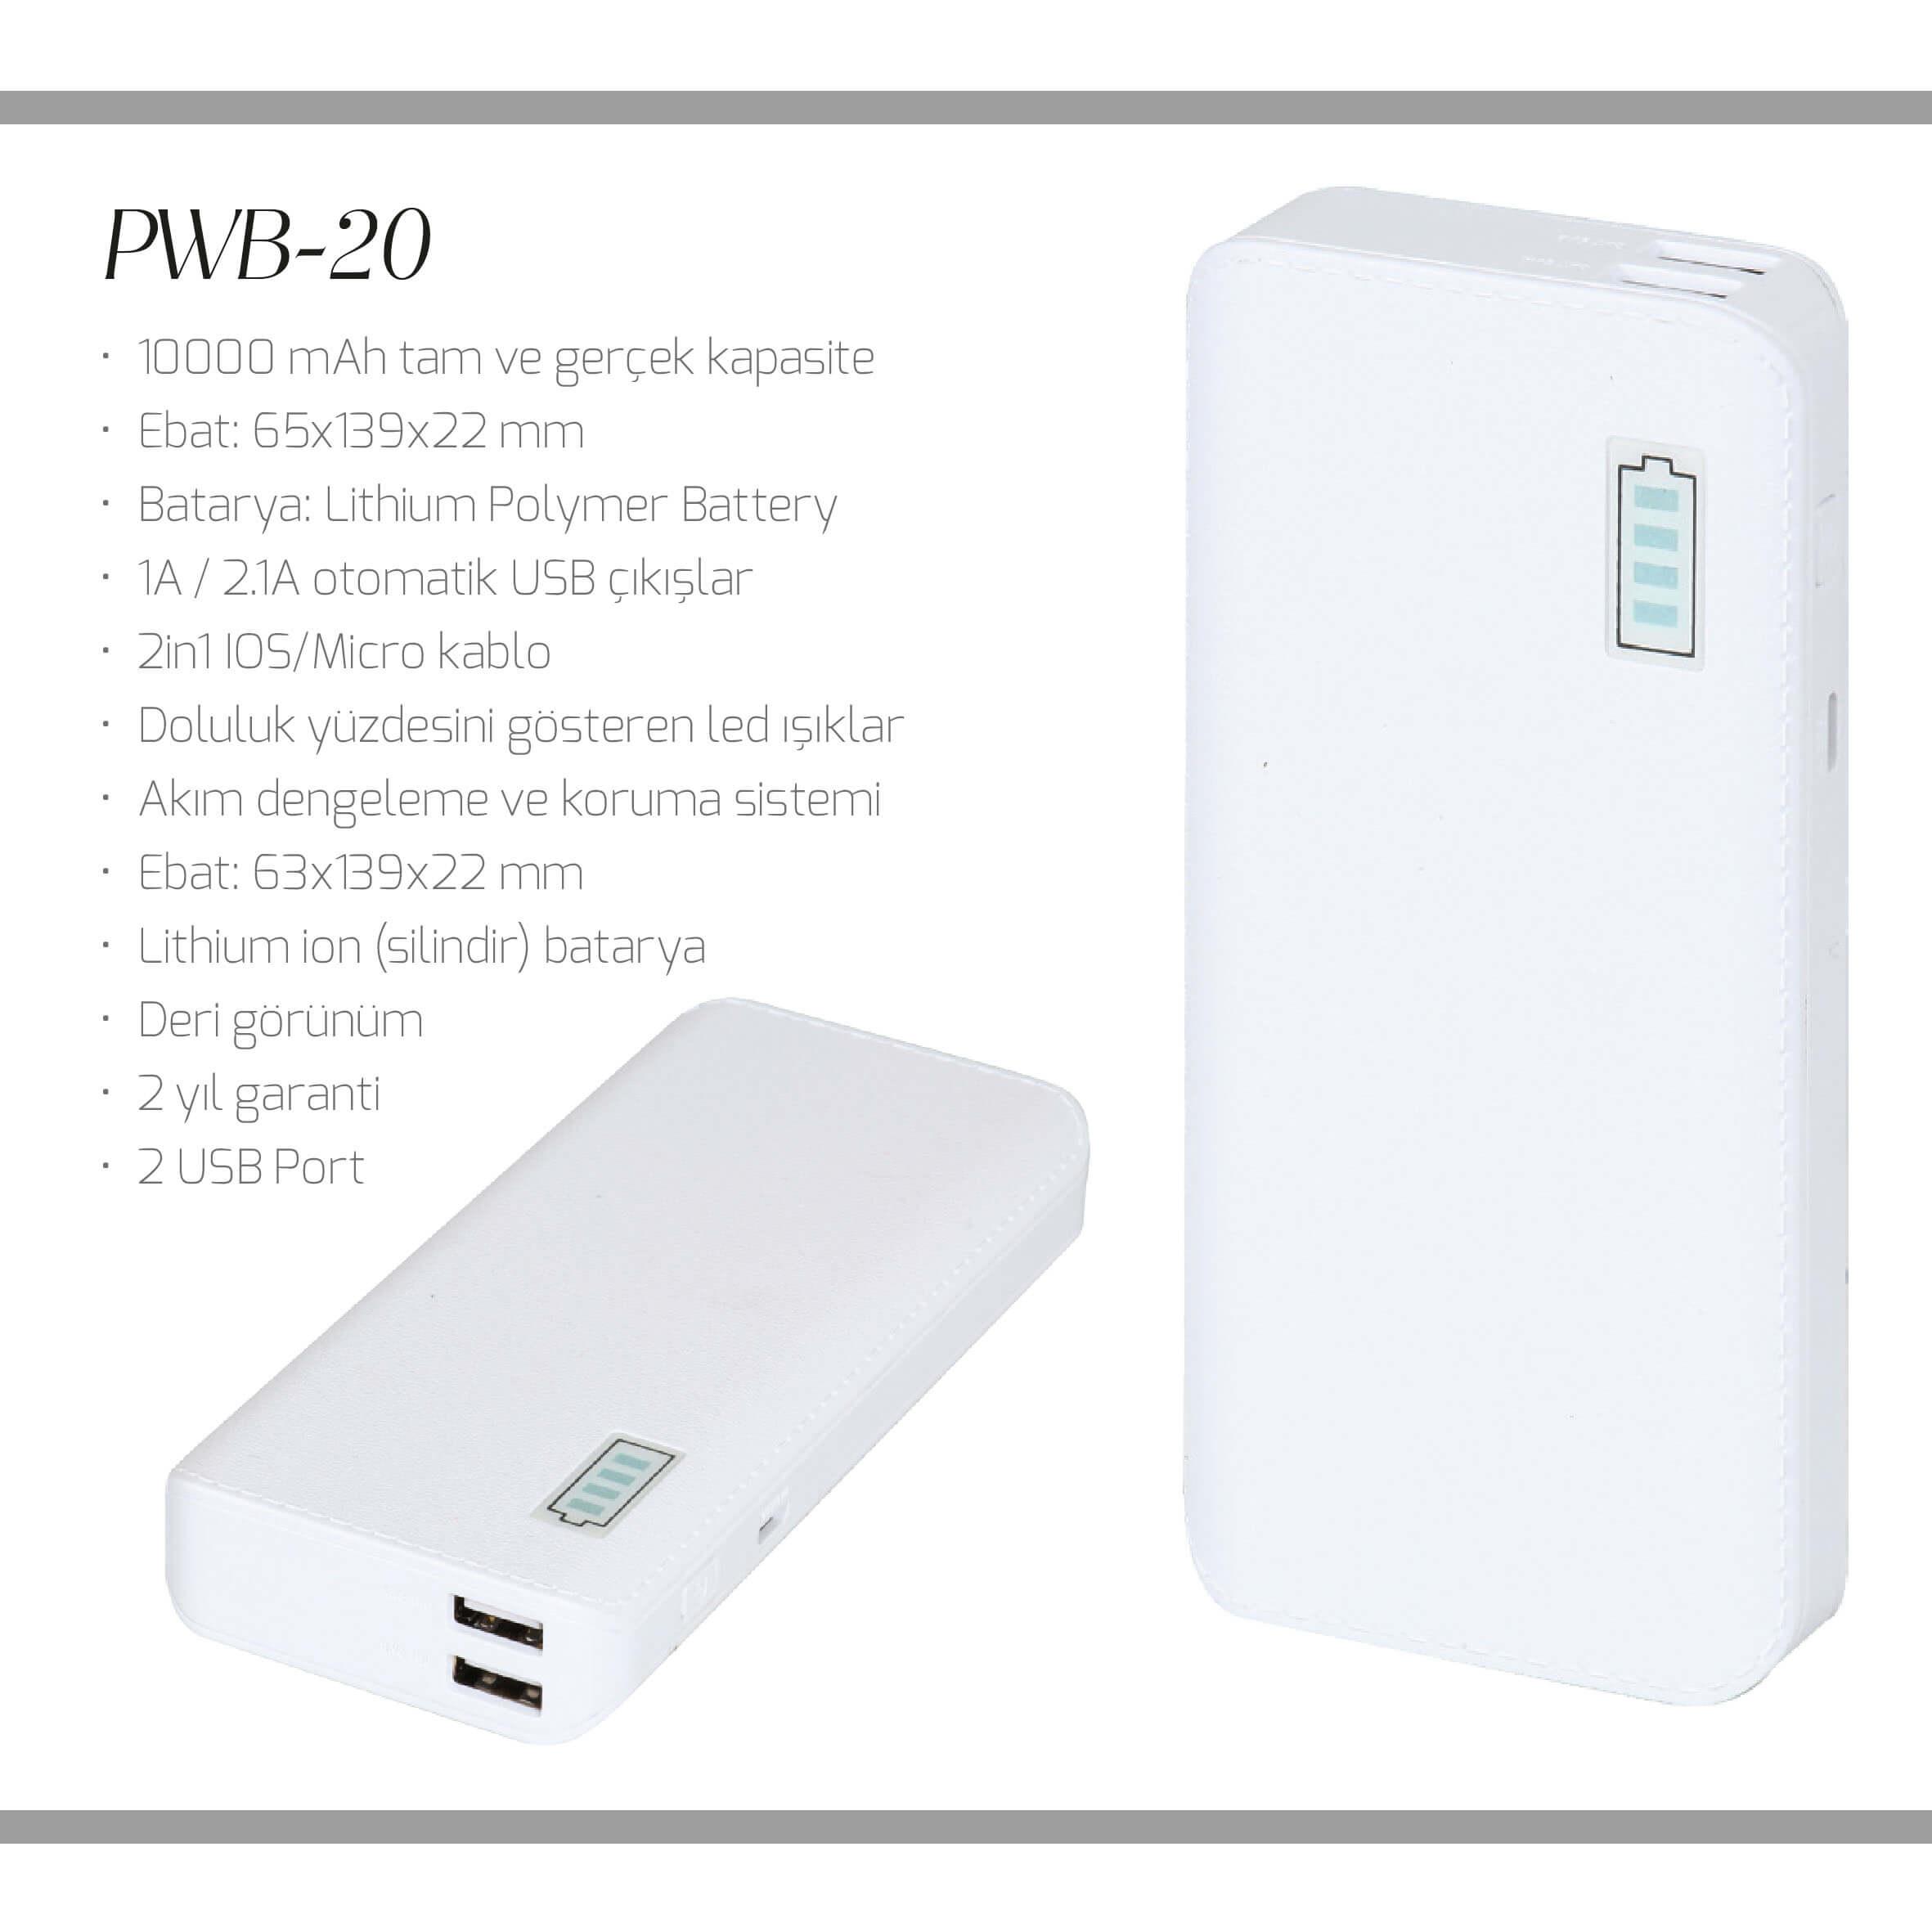 promosyon-promosyon ürünleri-powerbank-promosyon pwb-20